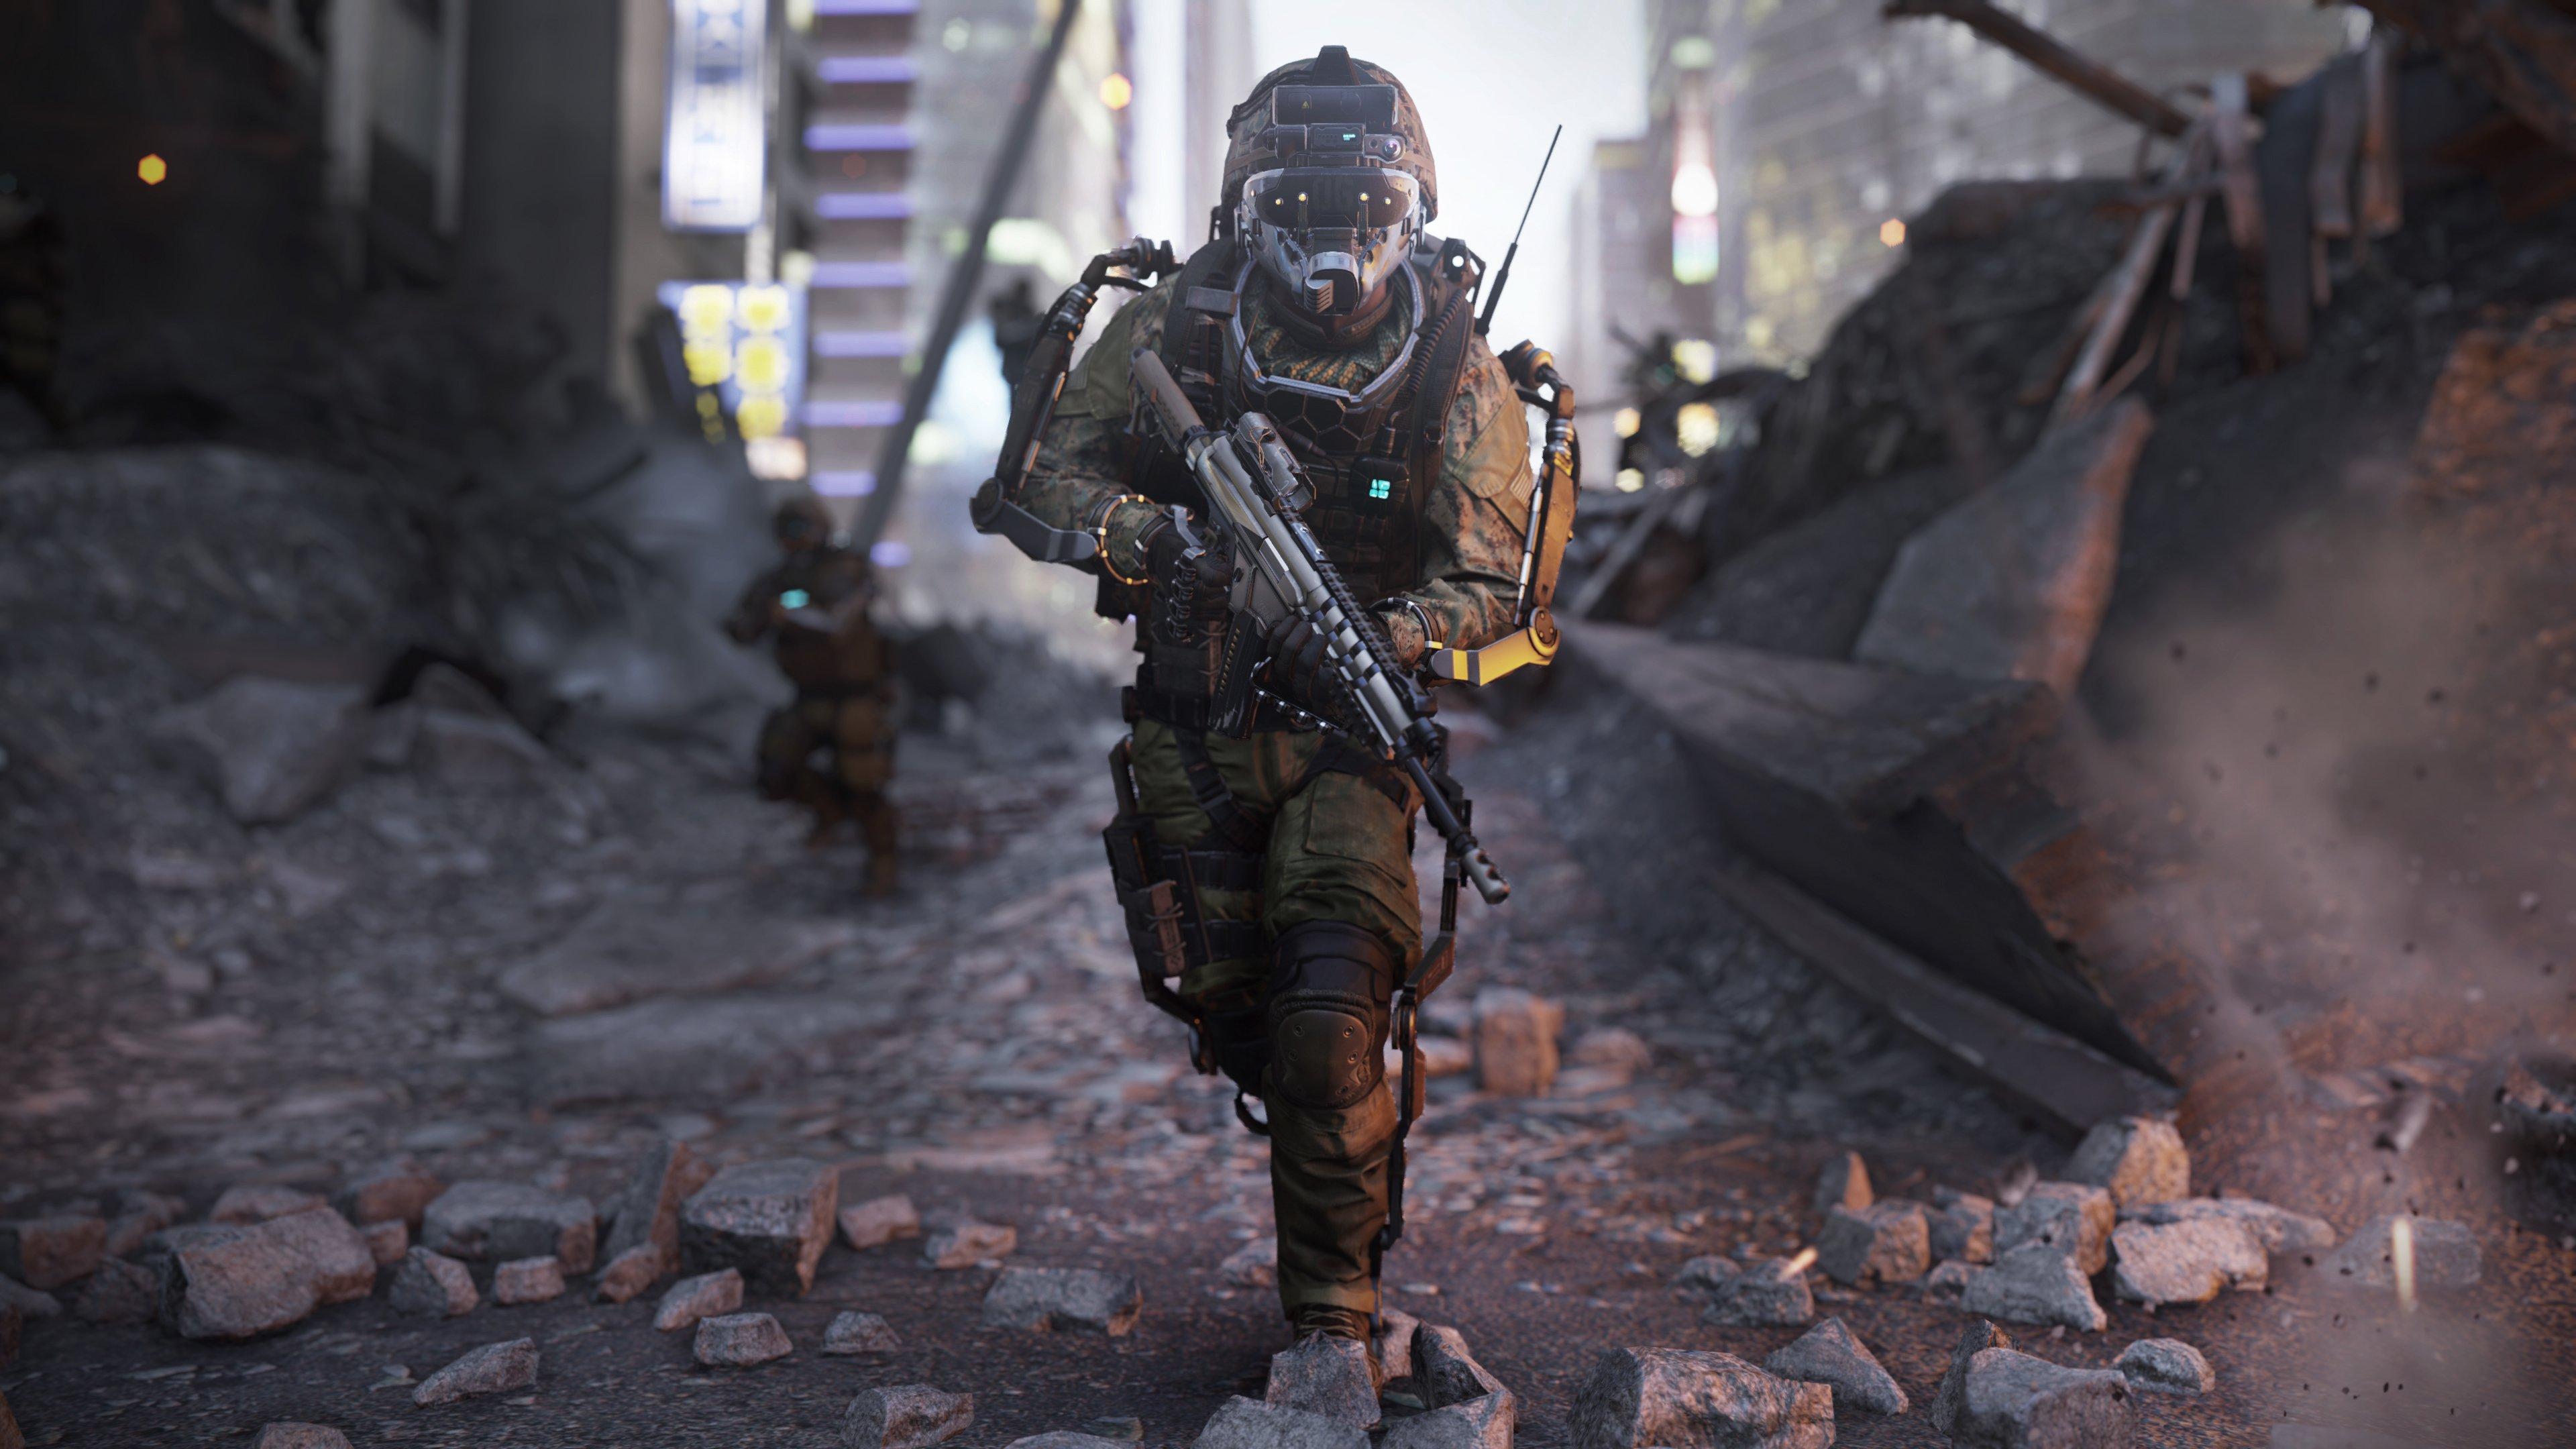 Call-of-Duty-Advanced-Warfare-E3-3